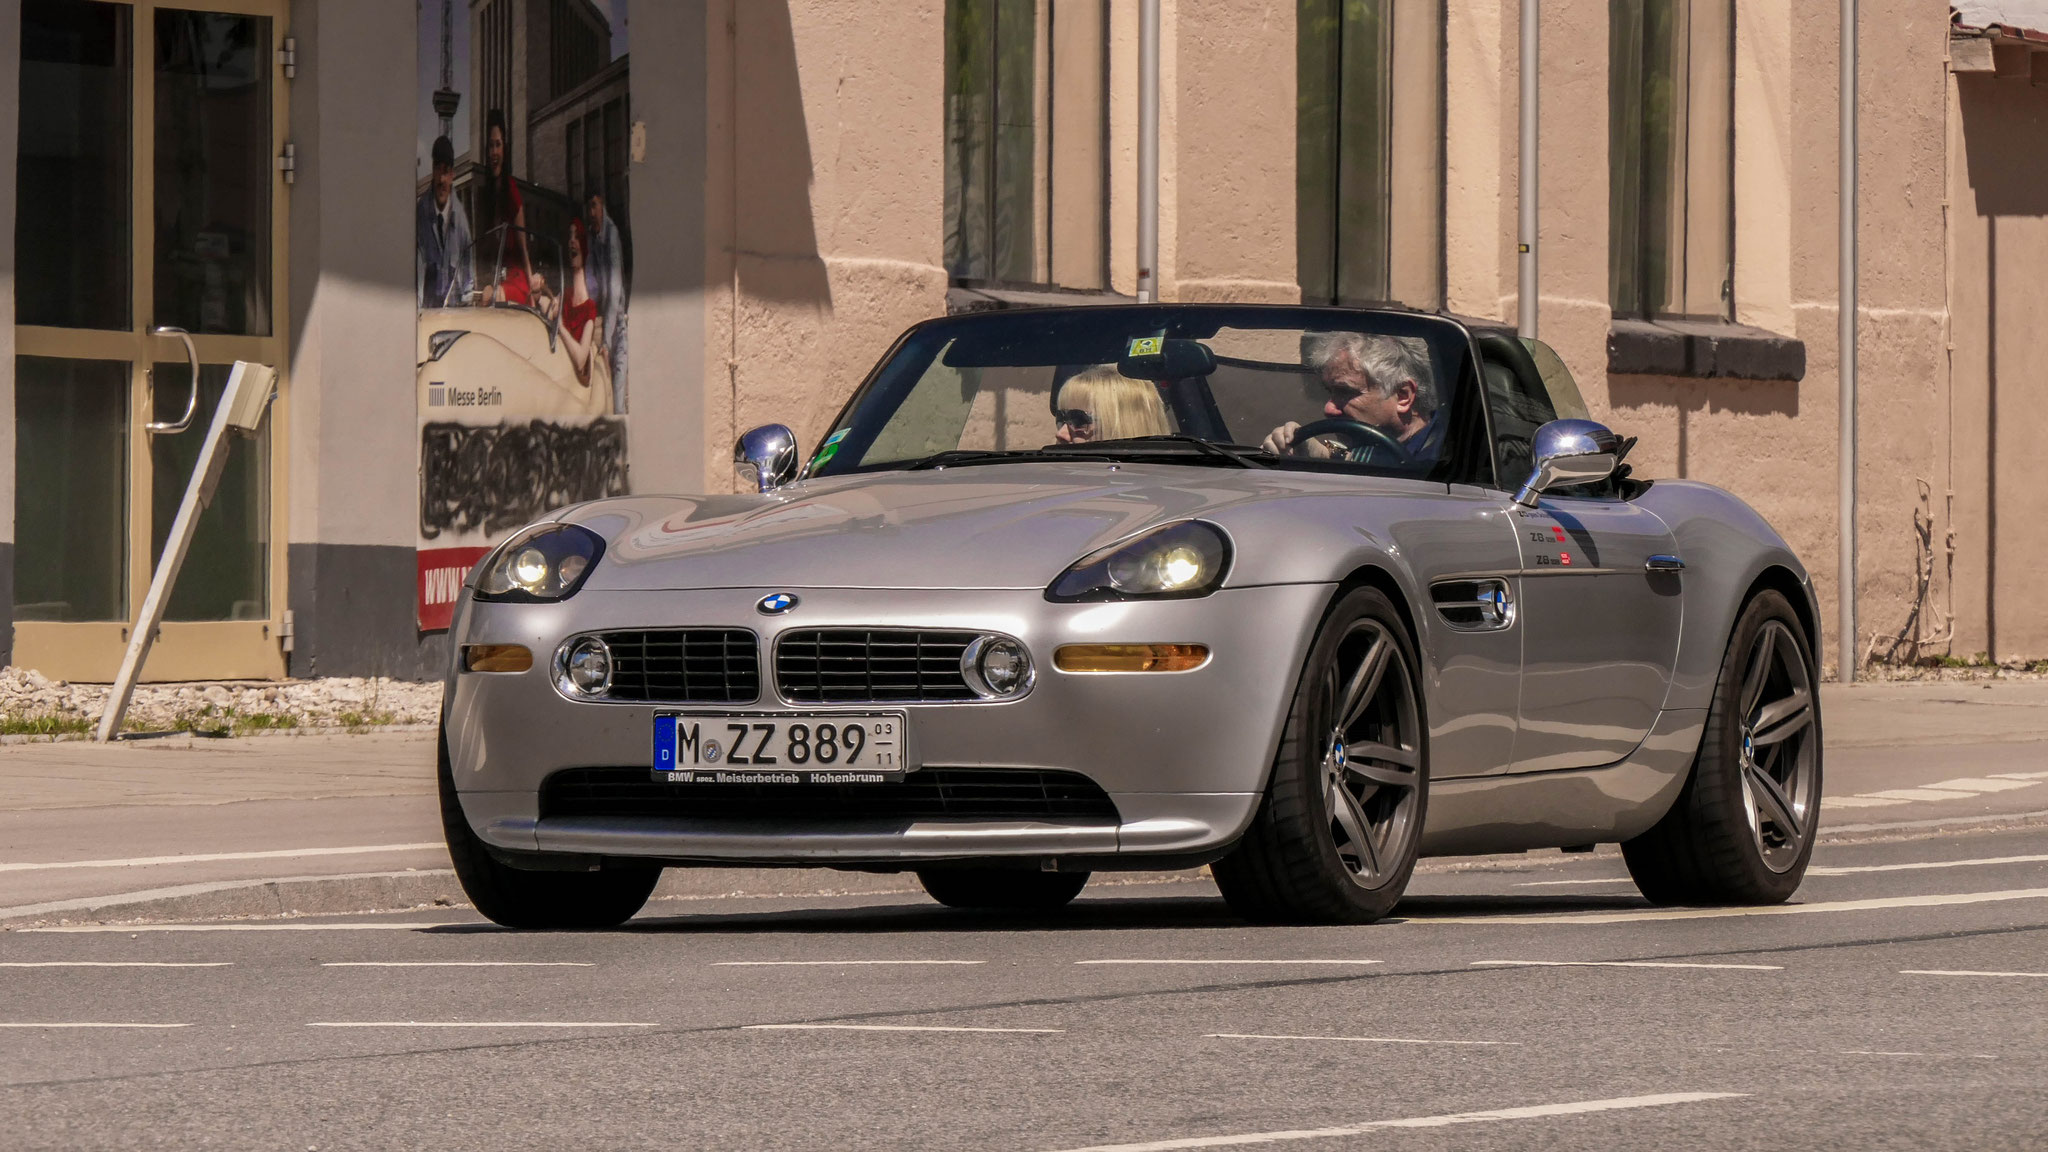 BMW Z8 - M-ZZ-889